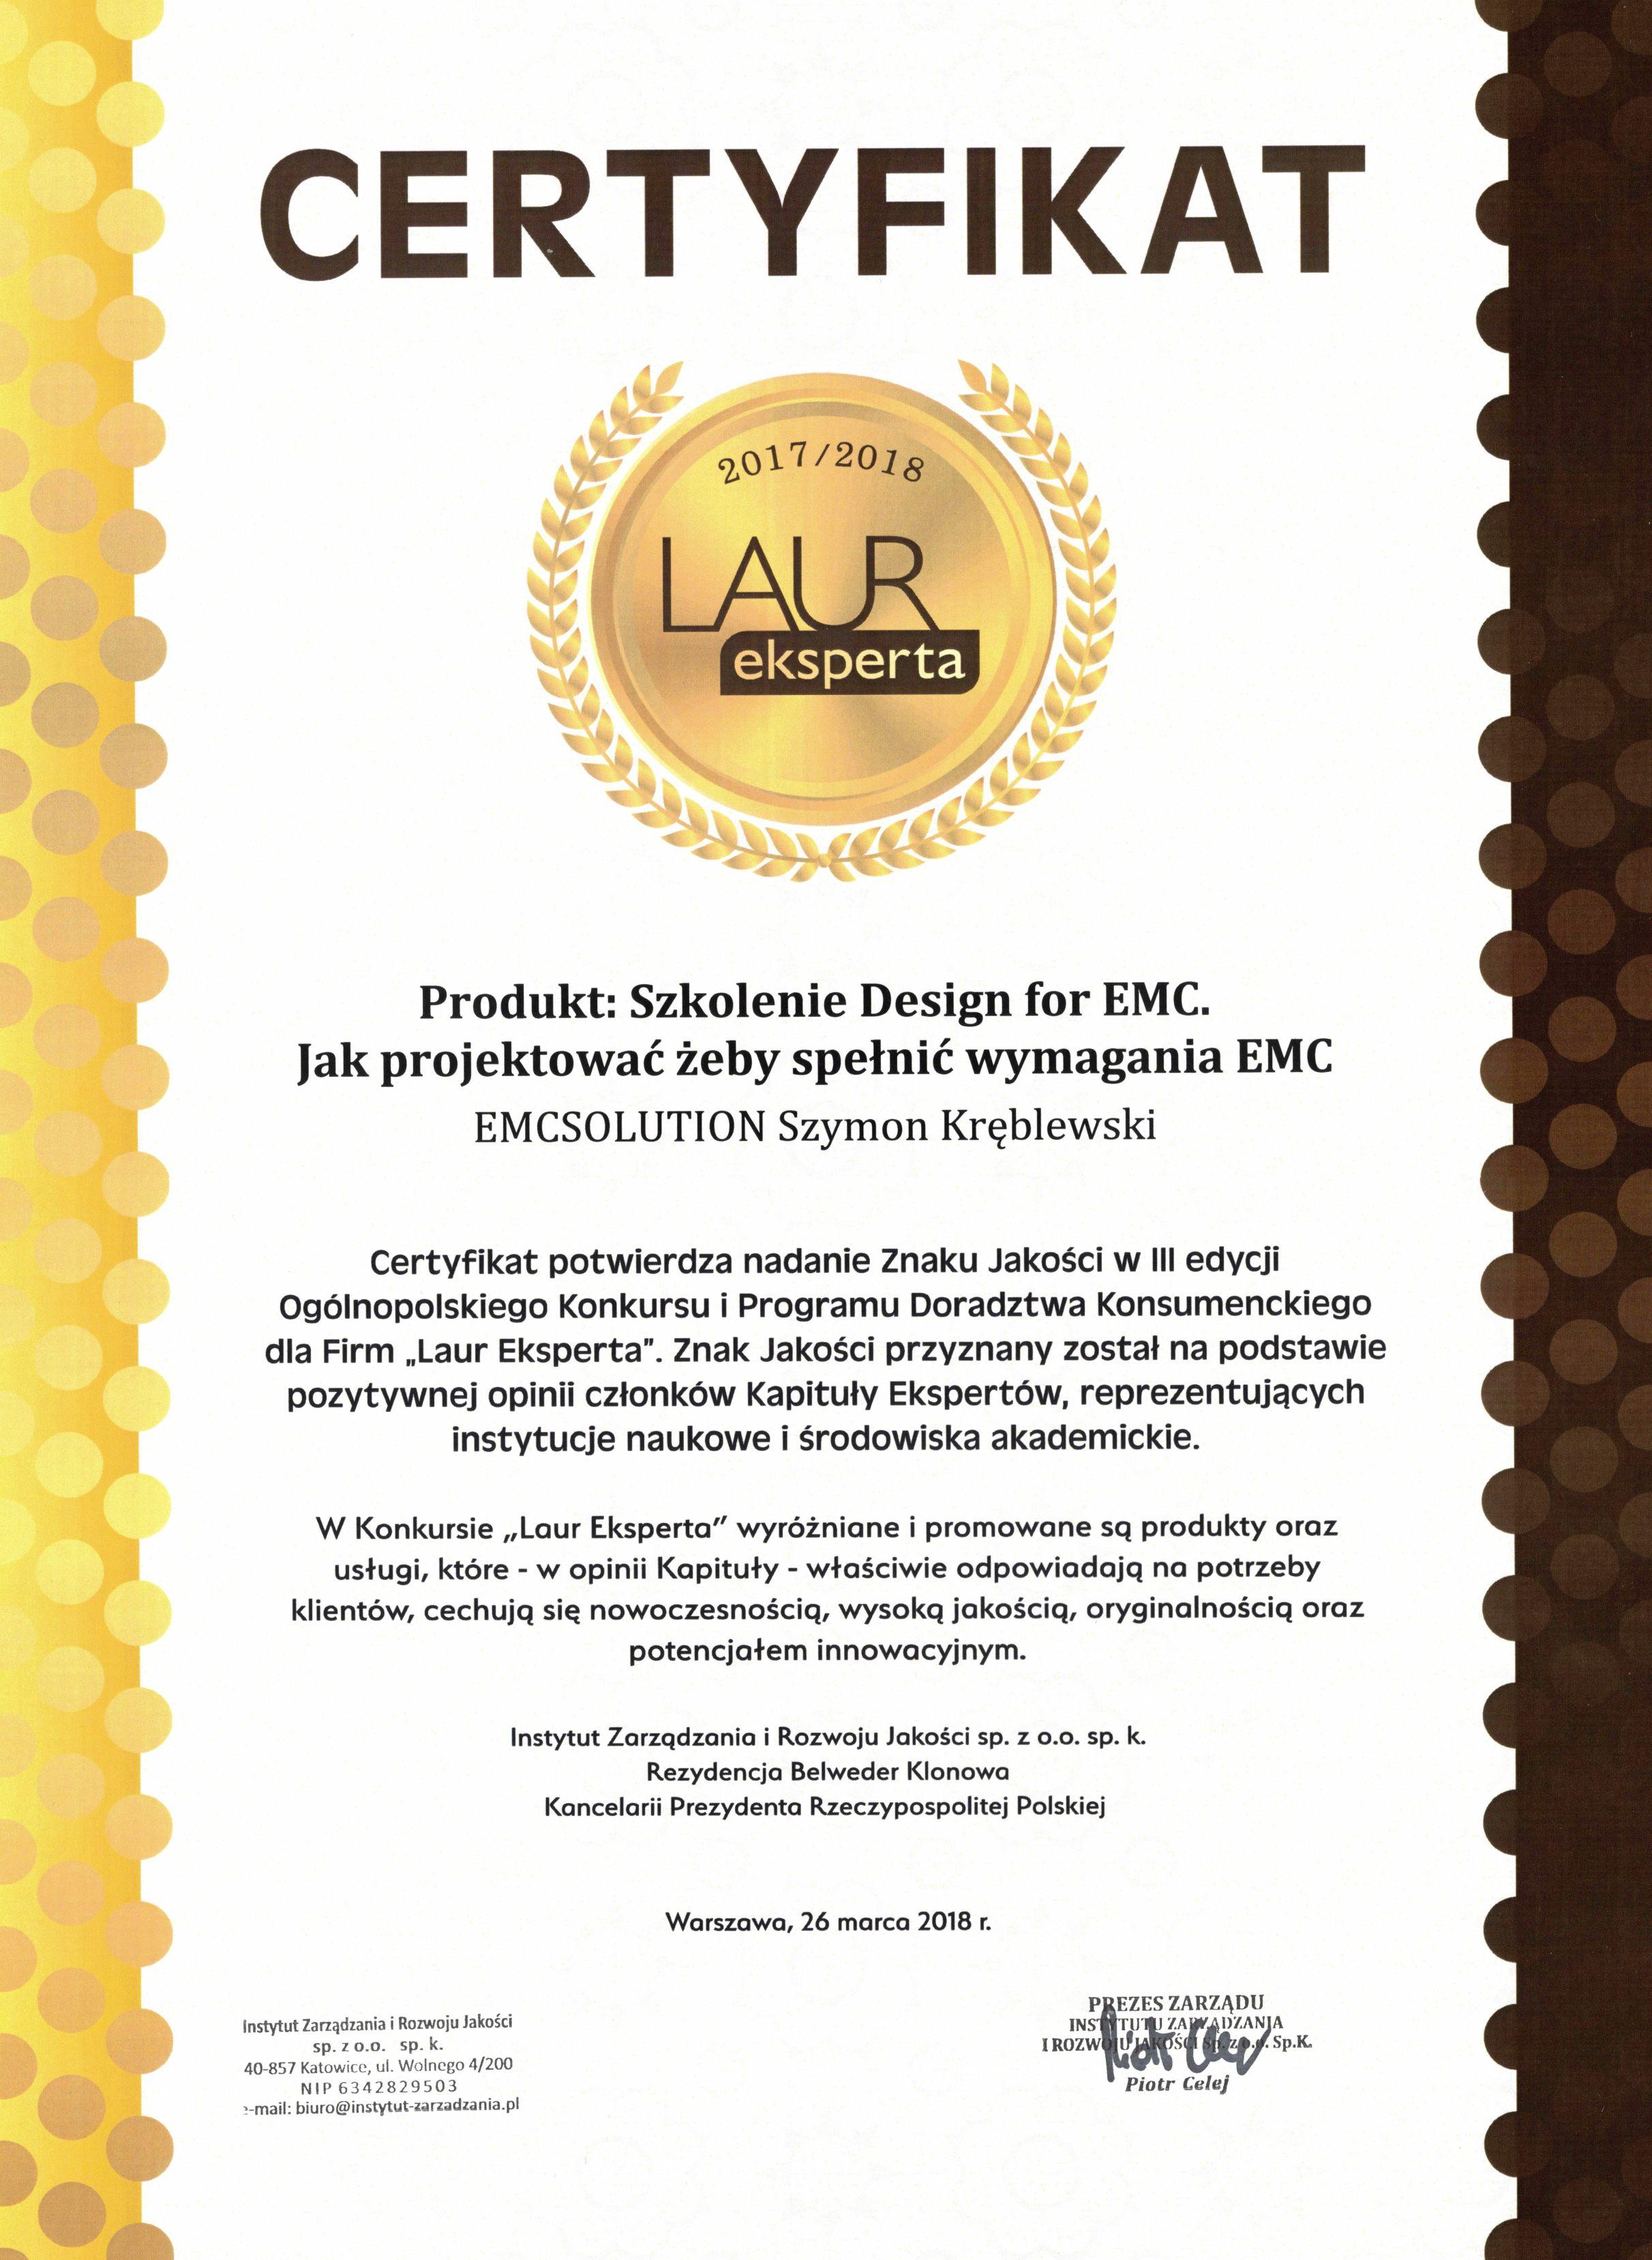 Laur Eksperta dla Design for EMC